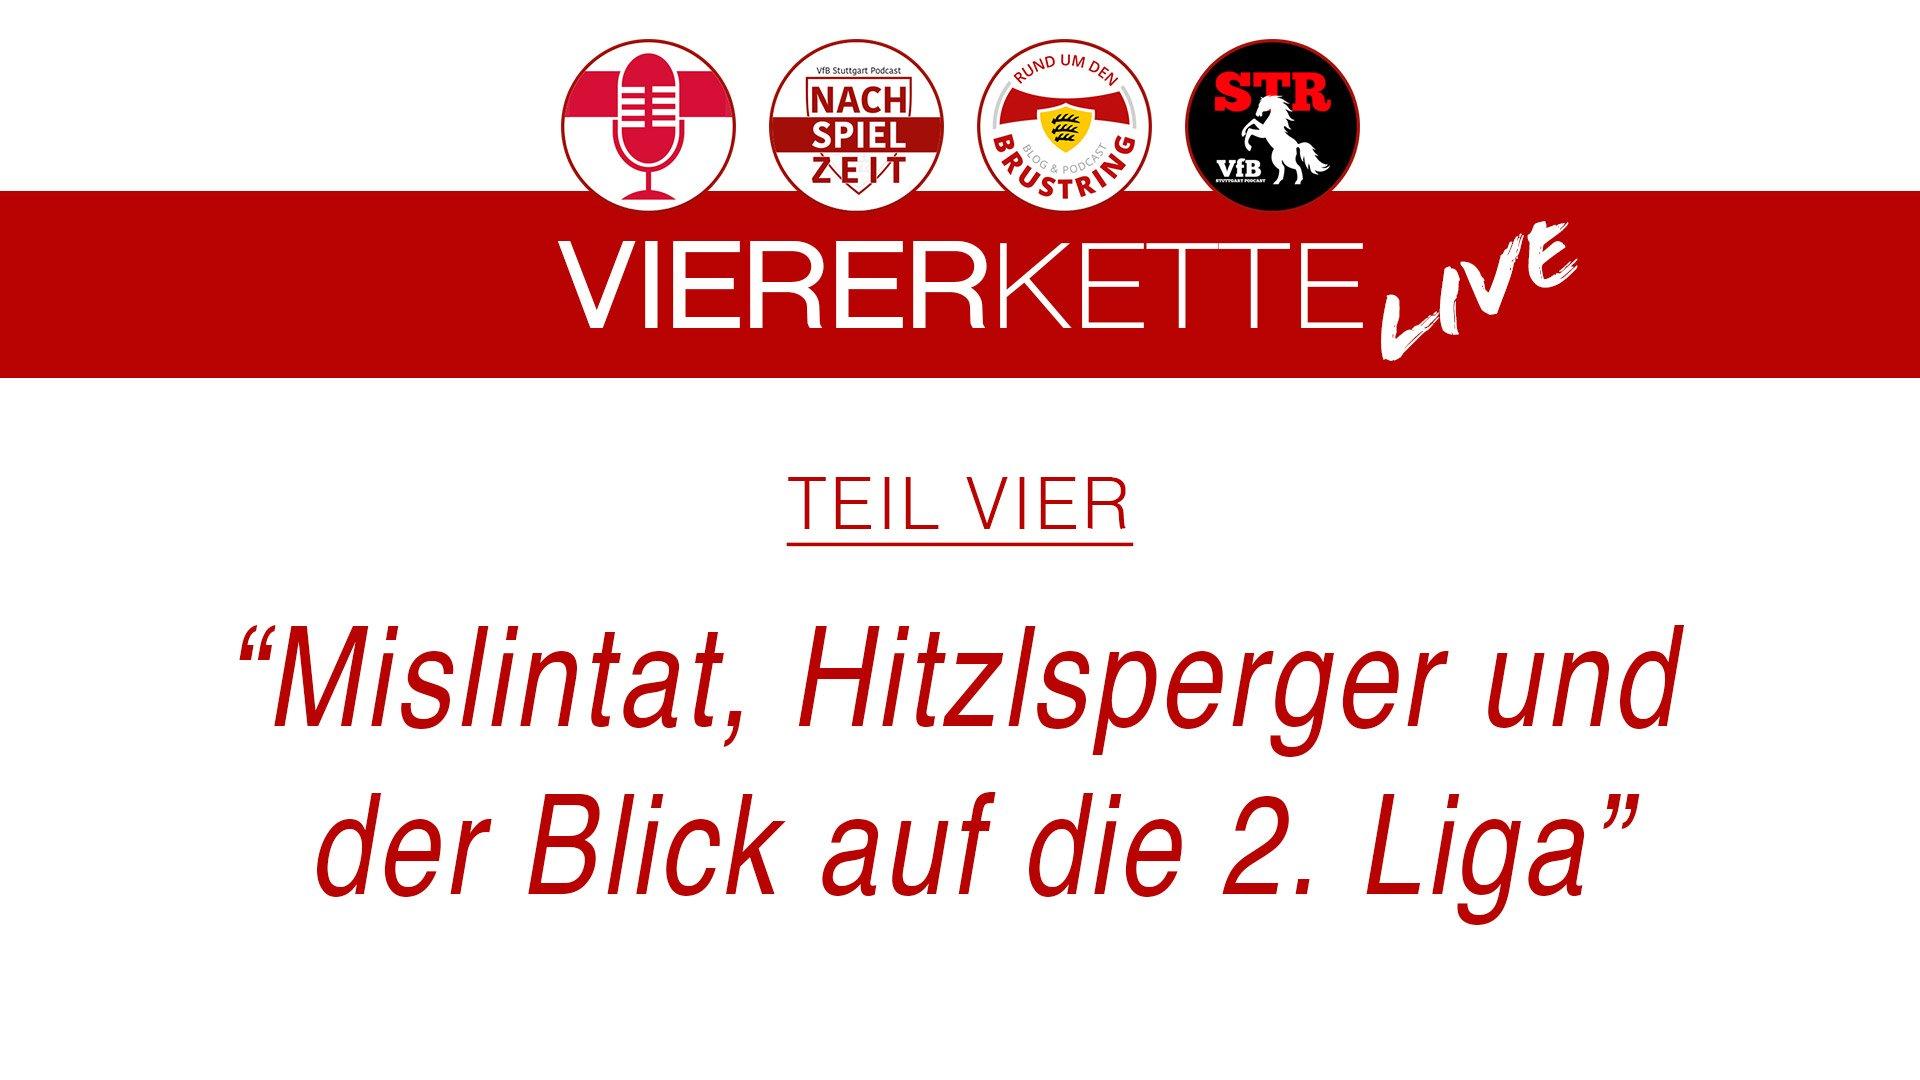 RudBX17 – VfBVIERERKETTE live – Teil 4: Mislintat, Hitzlsperger und der Blick auf die 2. Liga